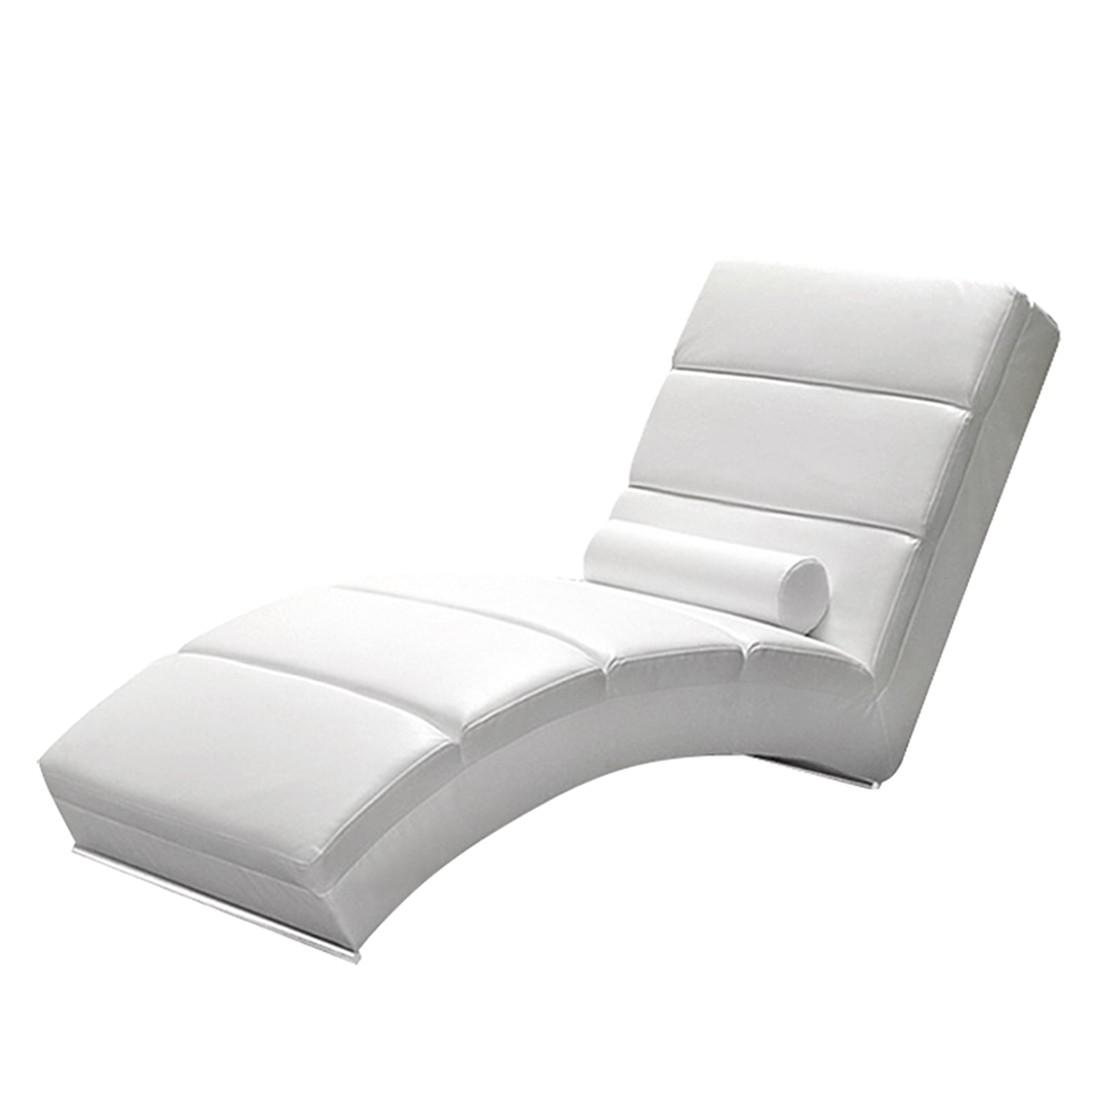 relaxliege kunstleder weiss. Black Bedroom Furniture Sets. Home Design Ideas